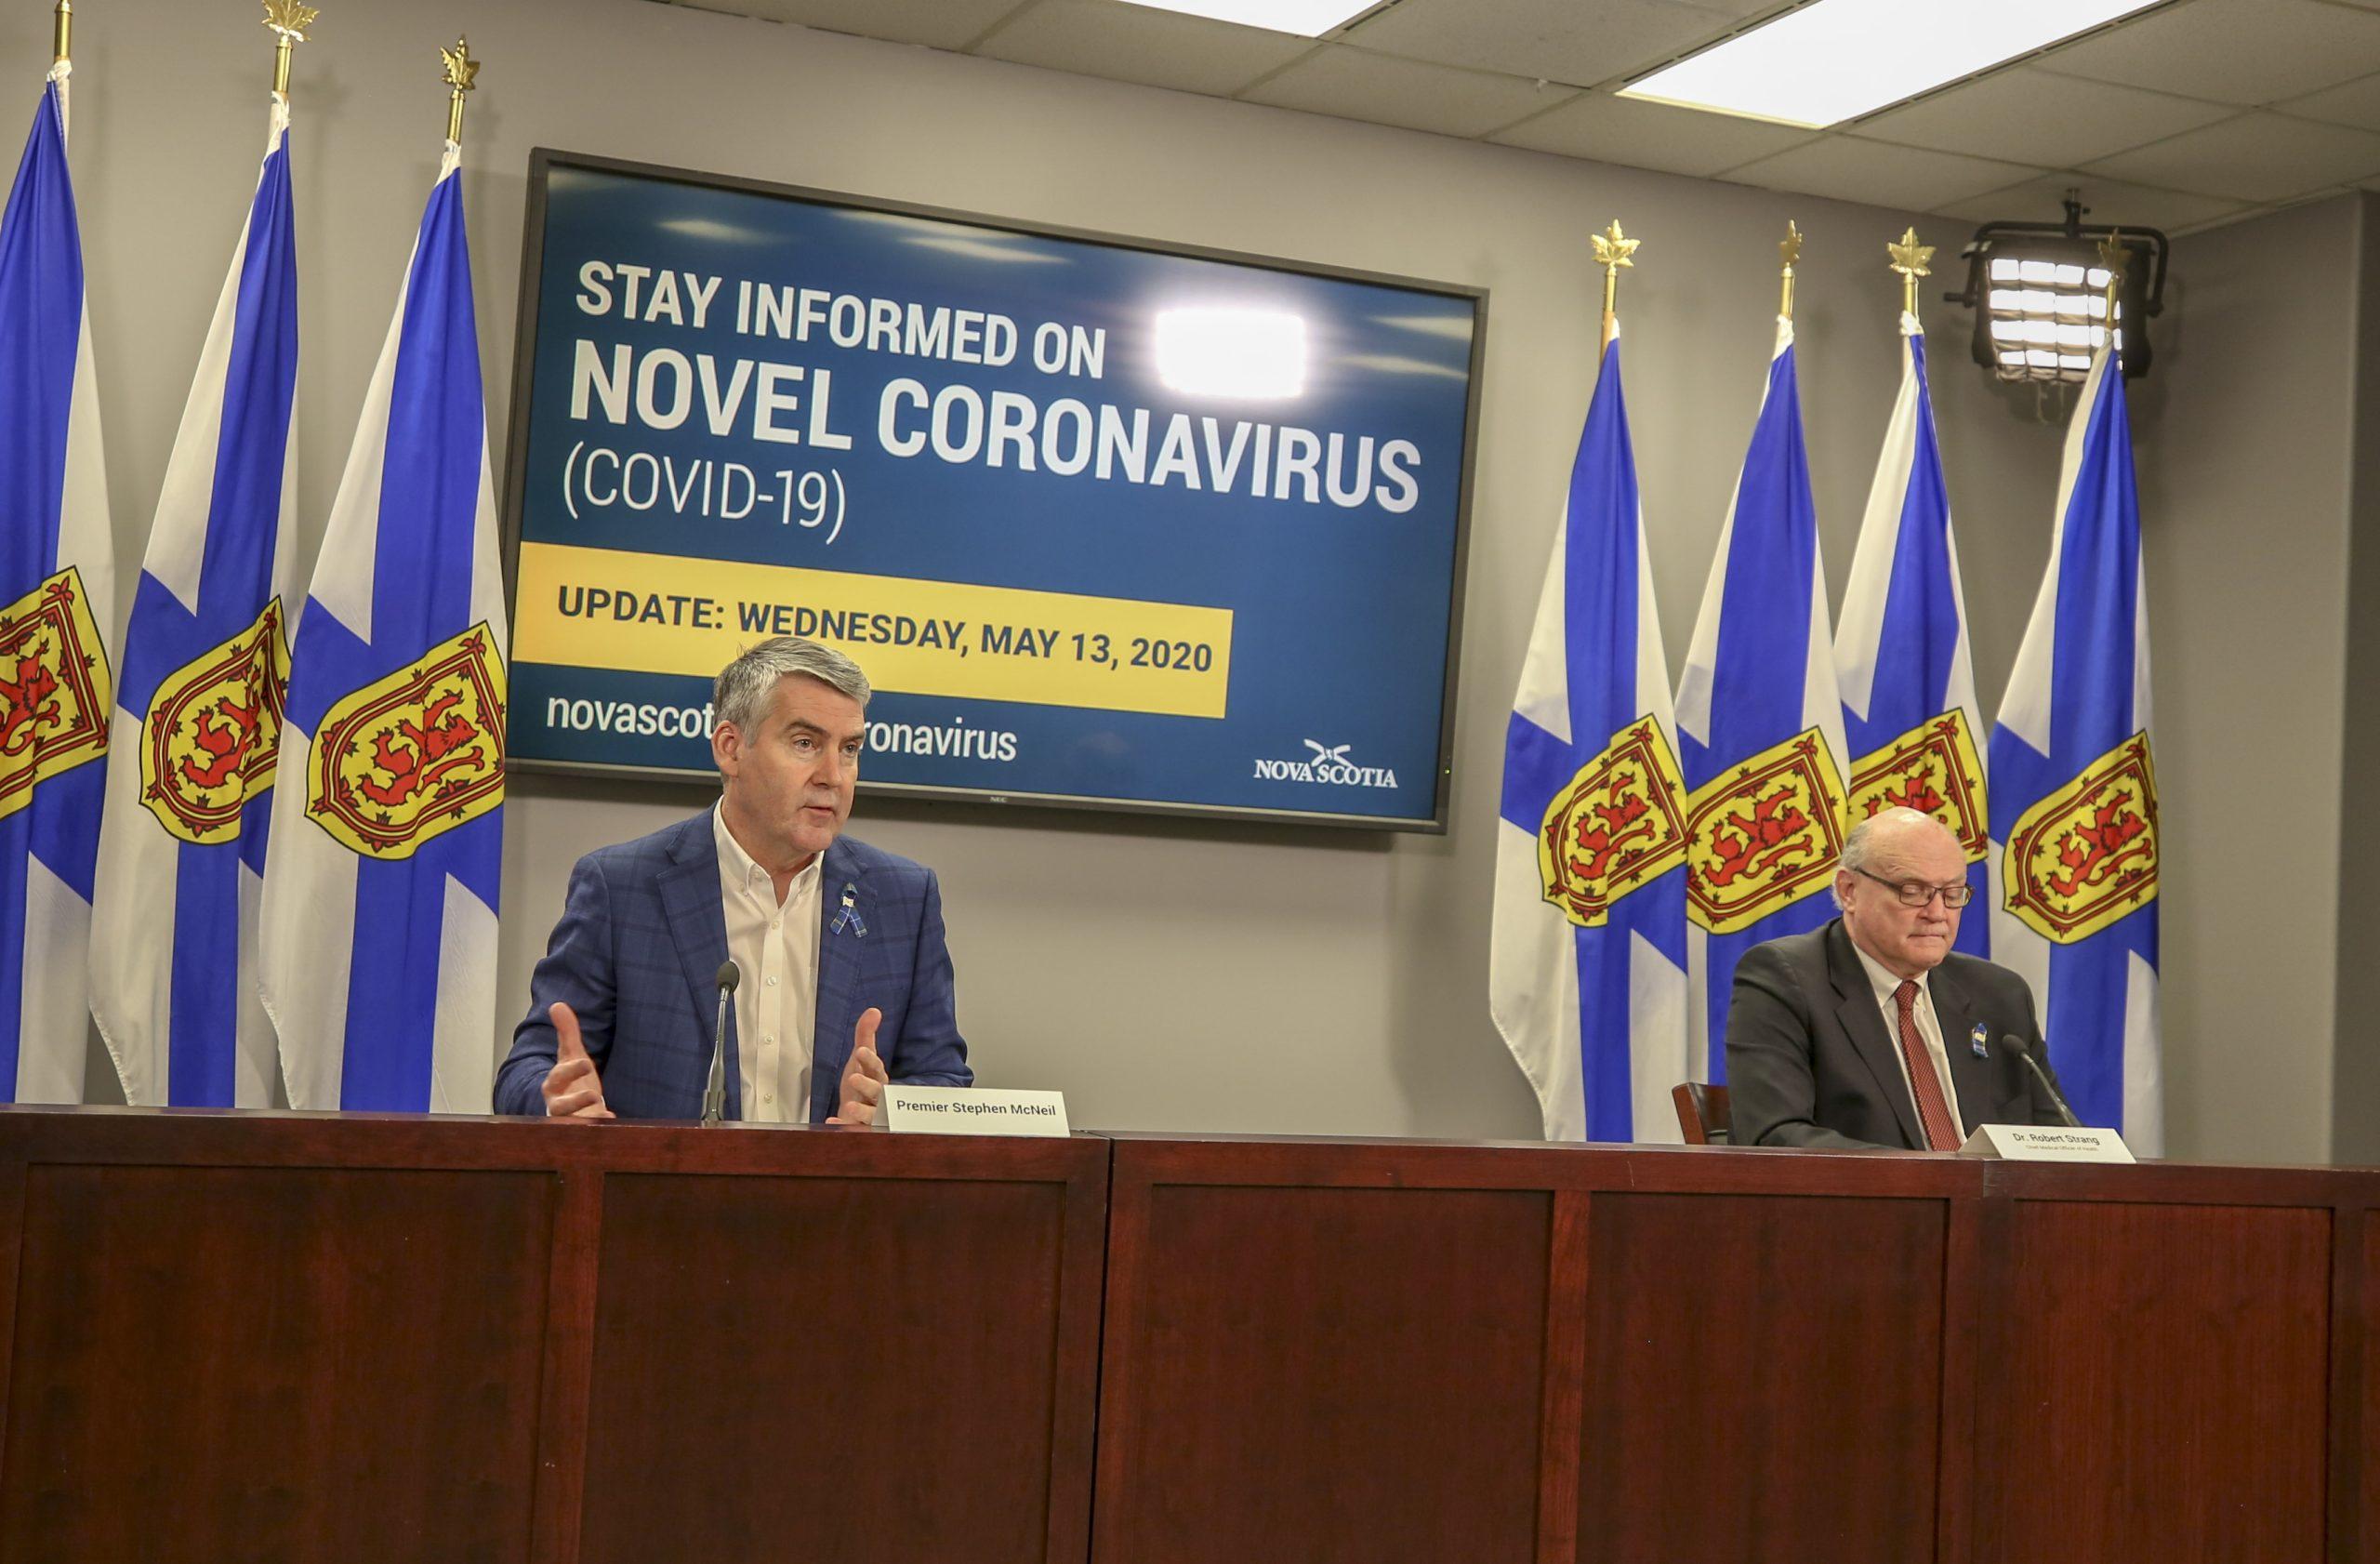 1 death, 1 new COVID-19 case identified in Nova Scotia